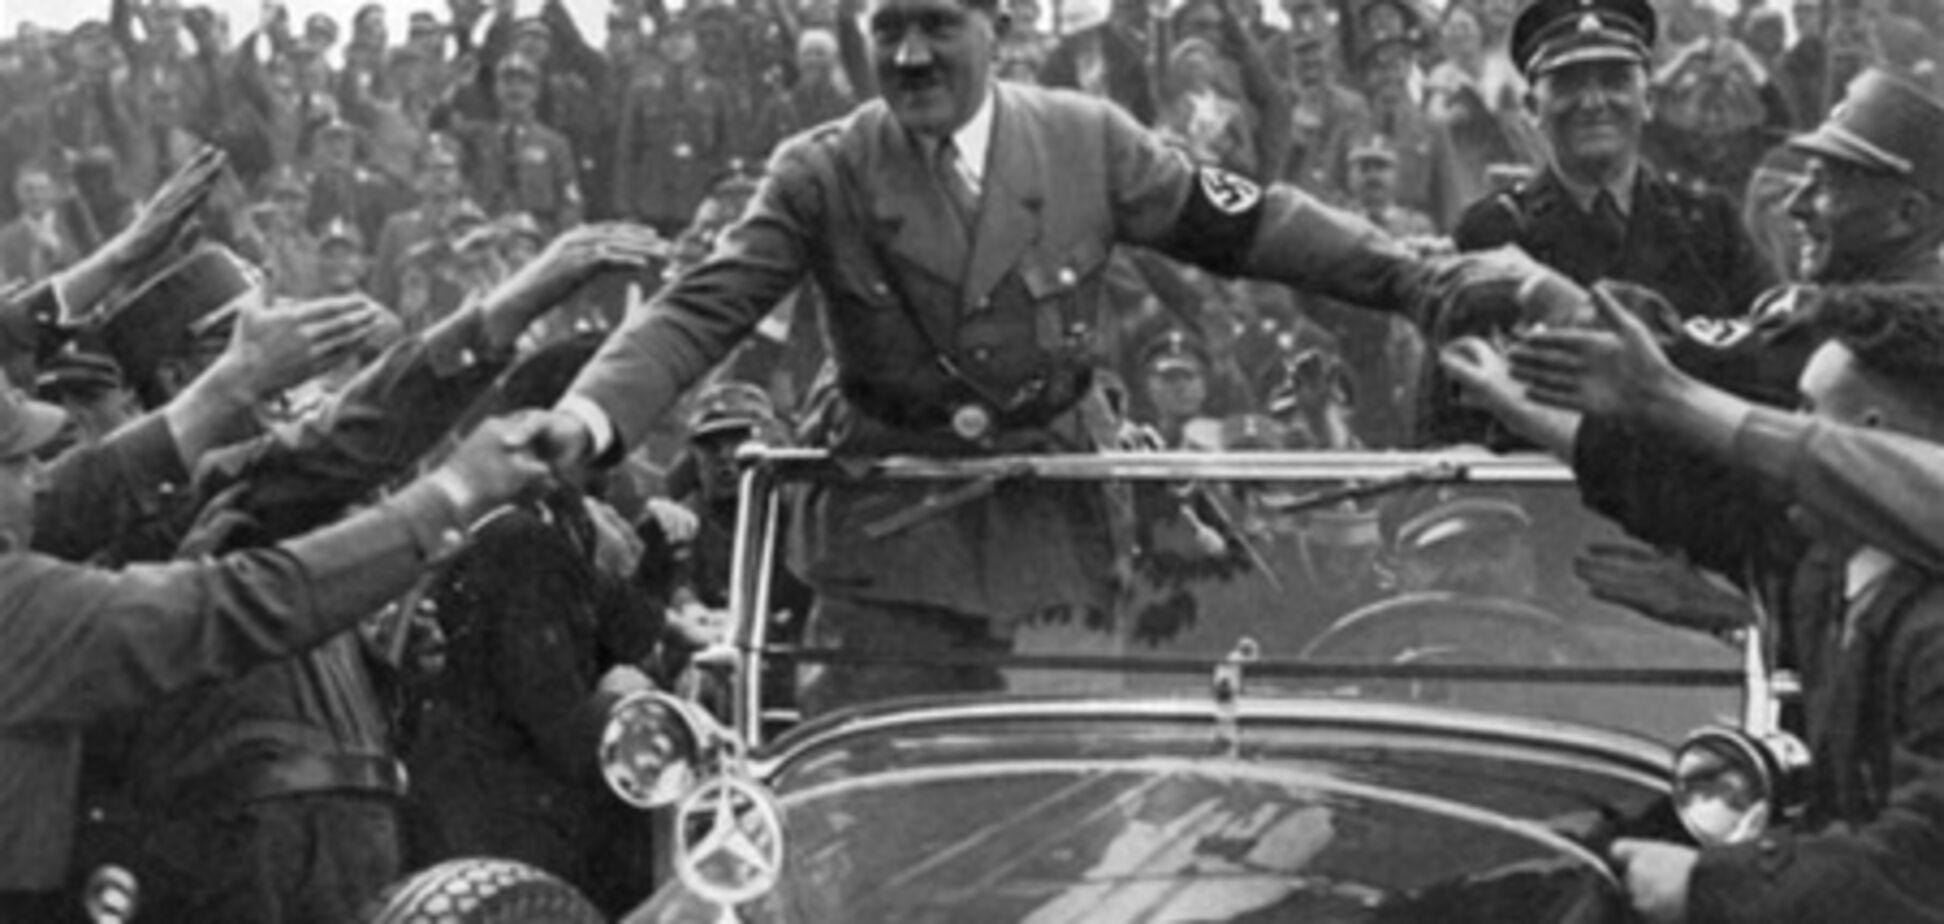 У Москві на в'їзді в тунель повісили плакат з поздоровленням дідусеві Гітлеру